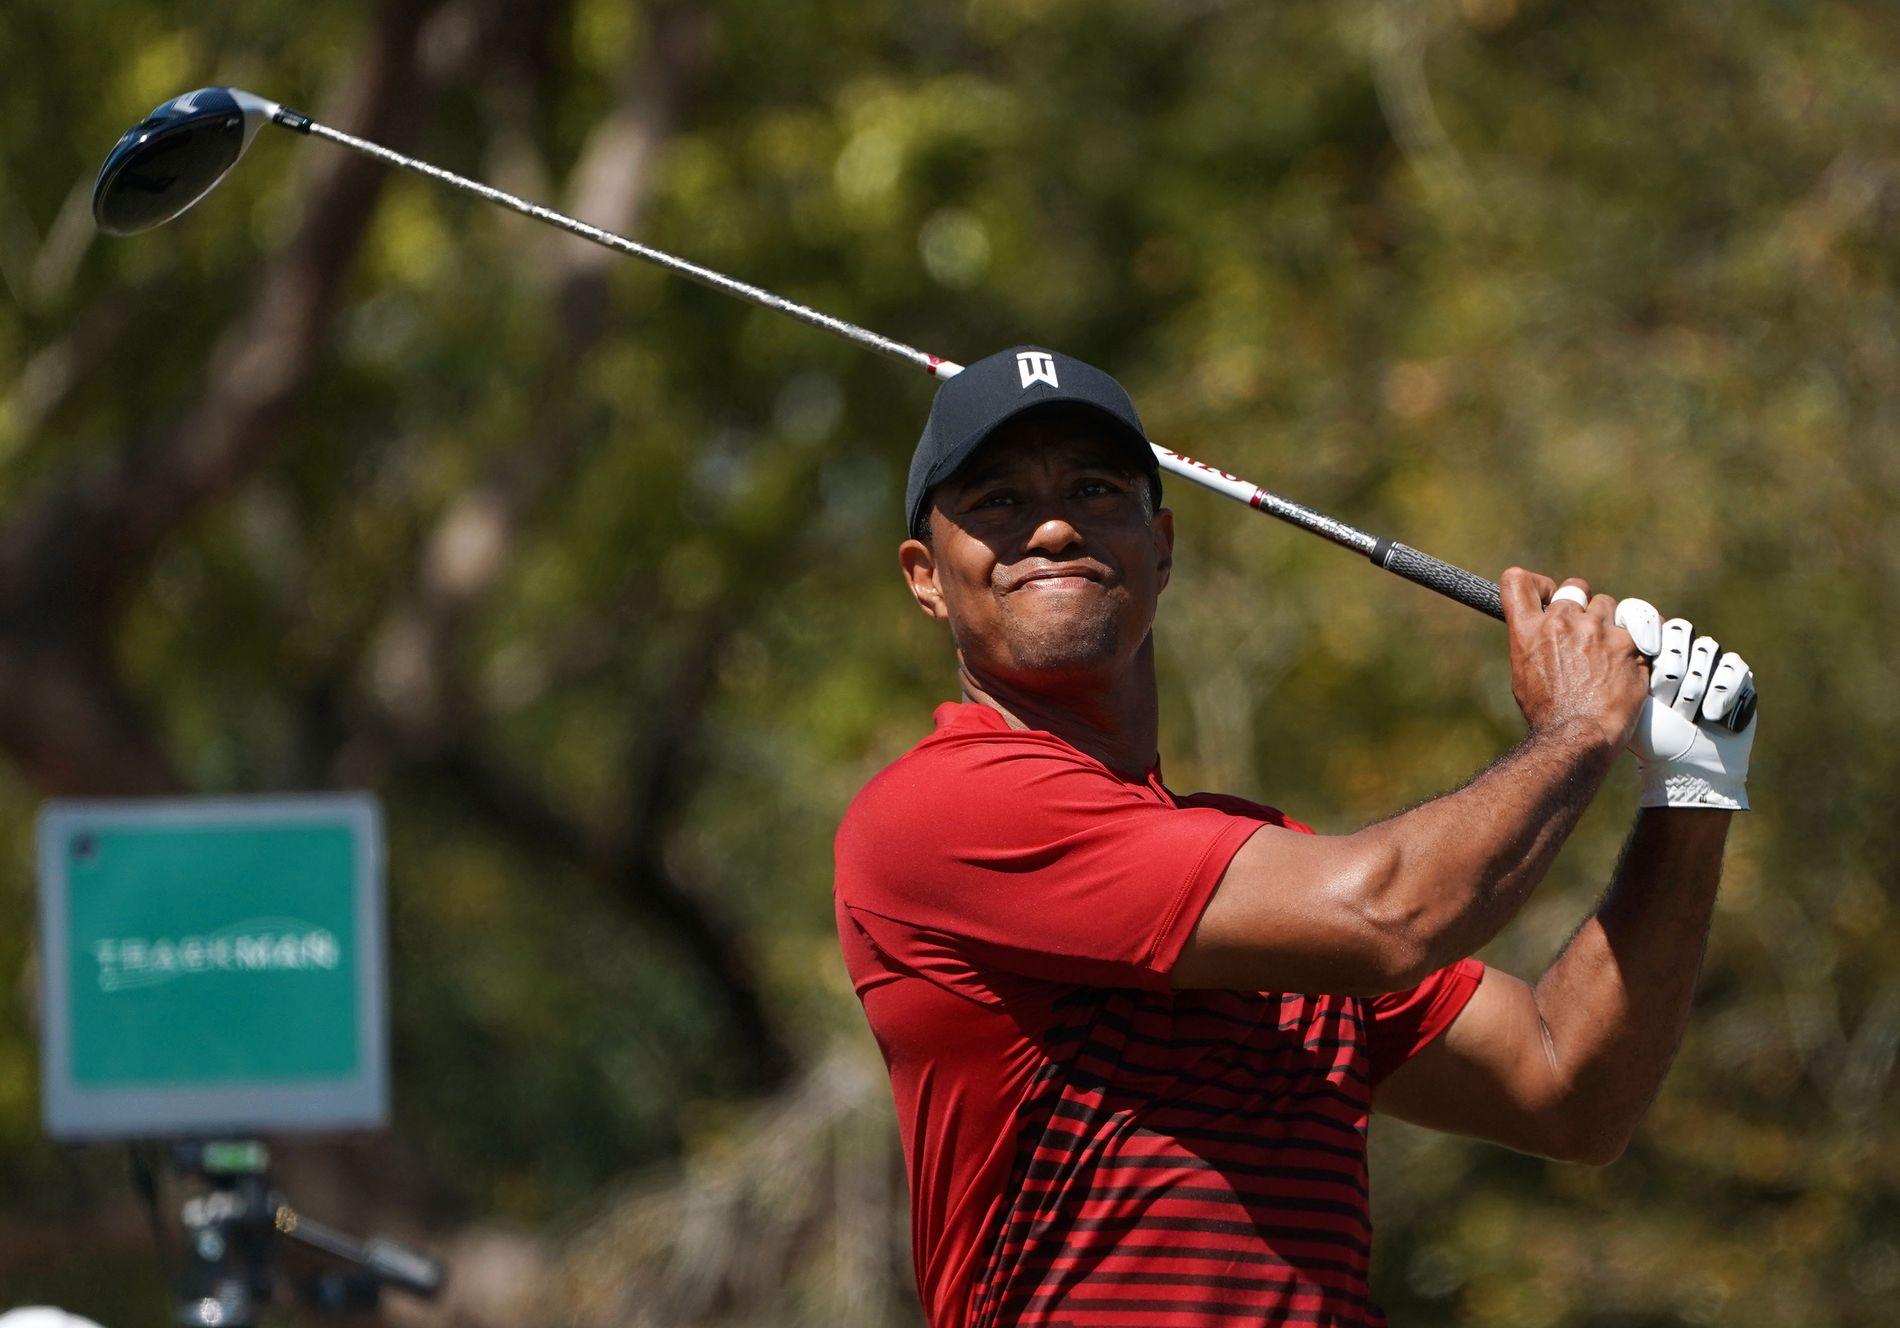 NÆRE: Tiger Woods, som vanlig i rød skjorte på søndag, slår ut på hull 5 under den siste runden av Valspar Championship på Copperhead-banen. Foto: REUTERS